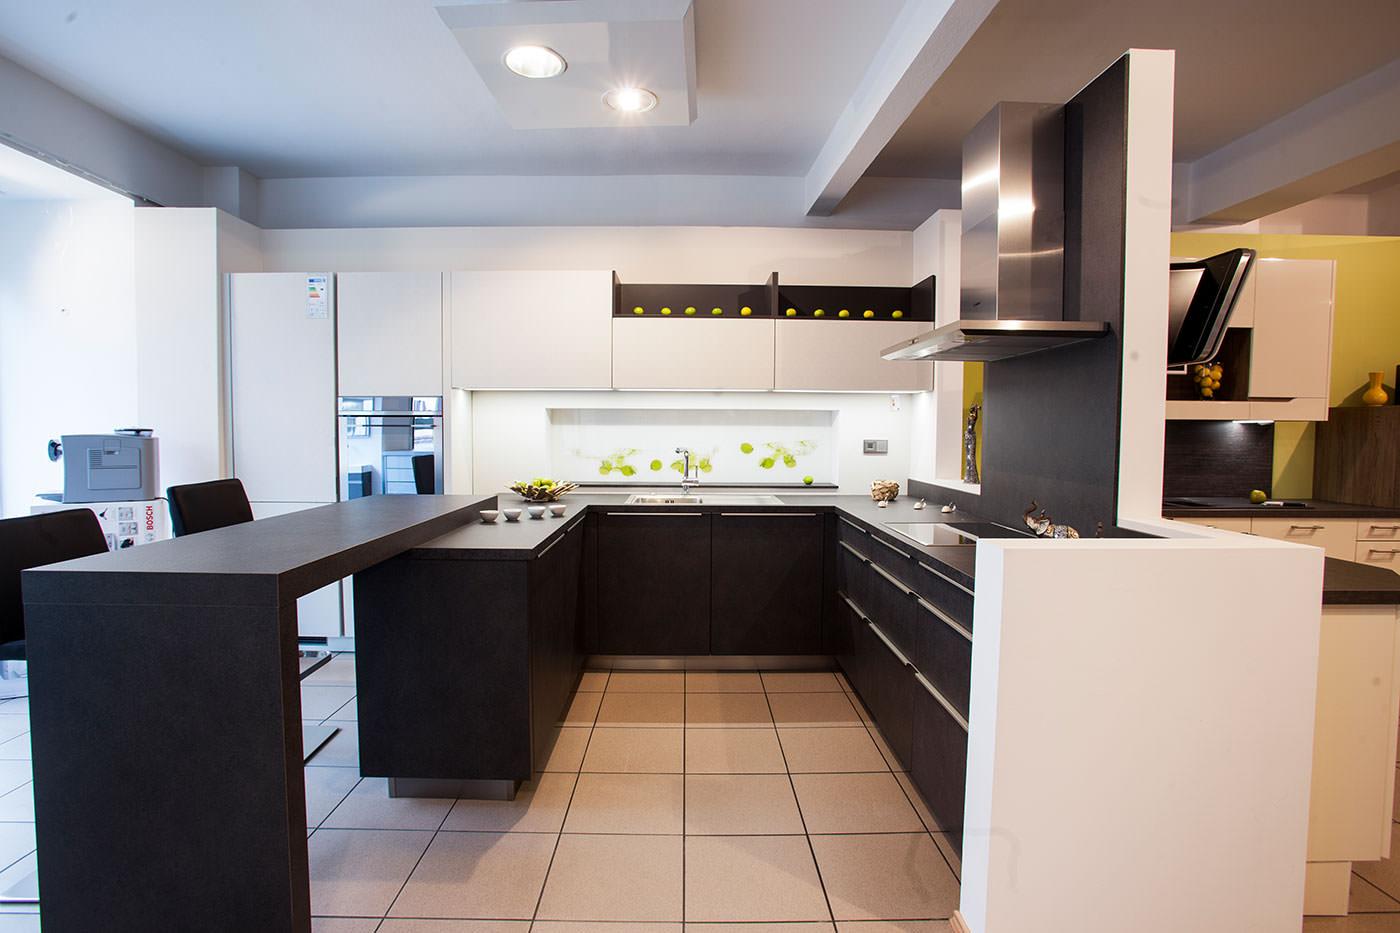 k chenausstellung in lichtenau ein besuch lohnt sich. Black Bedroom Furniture Sets. Home Design Ideas